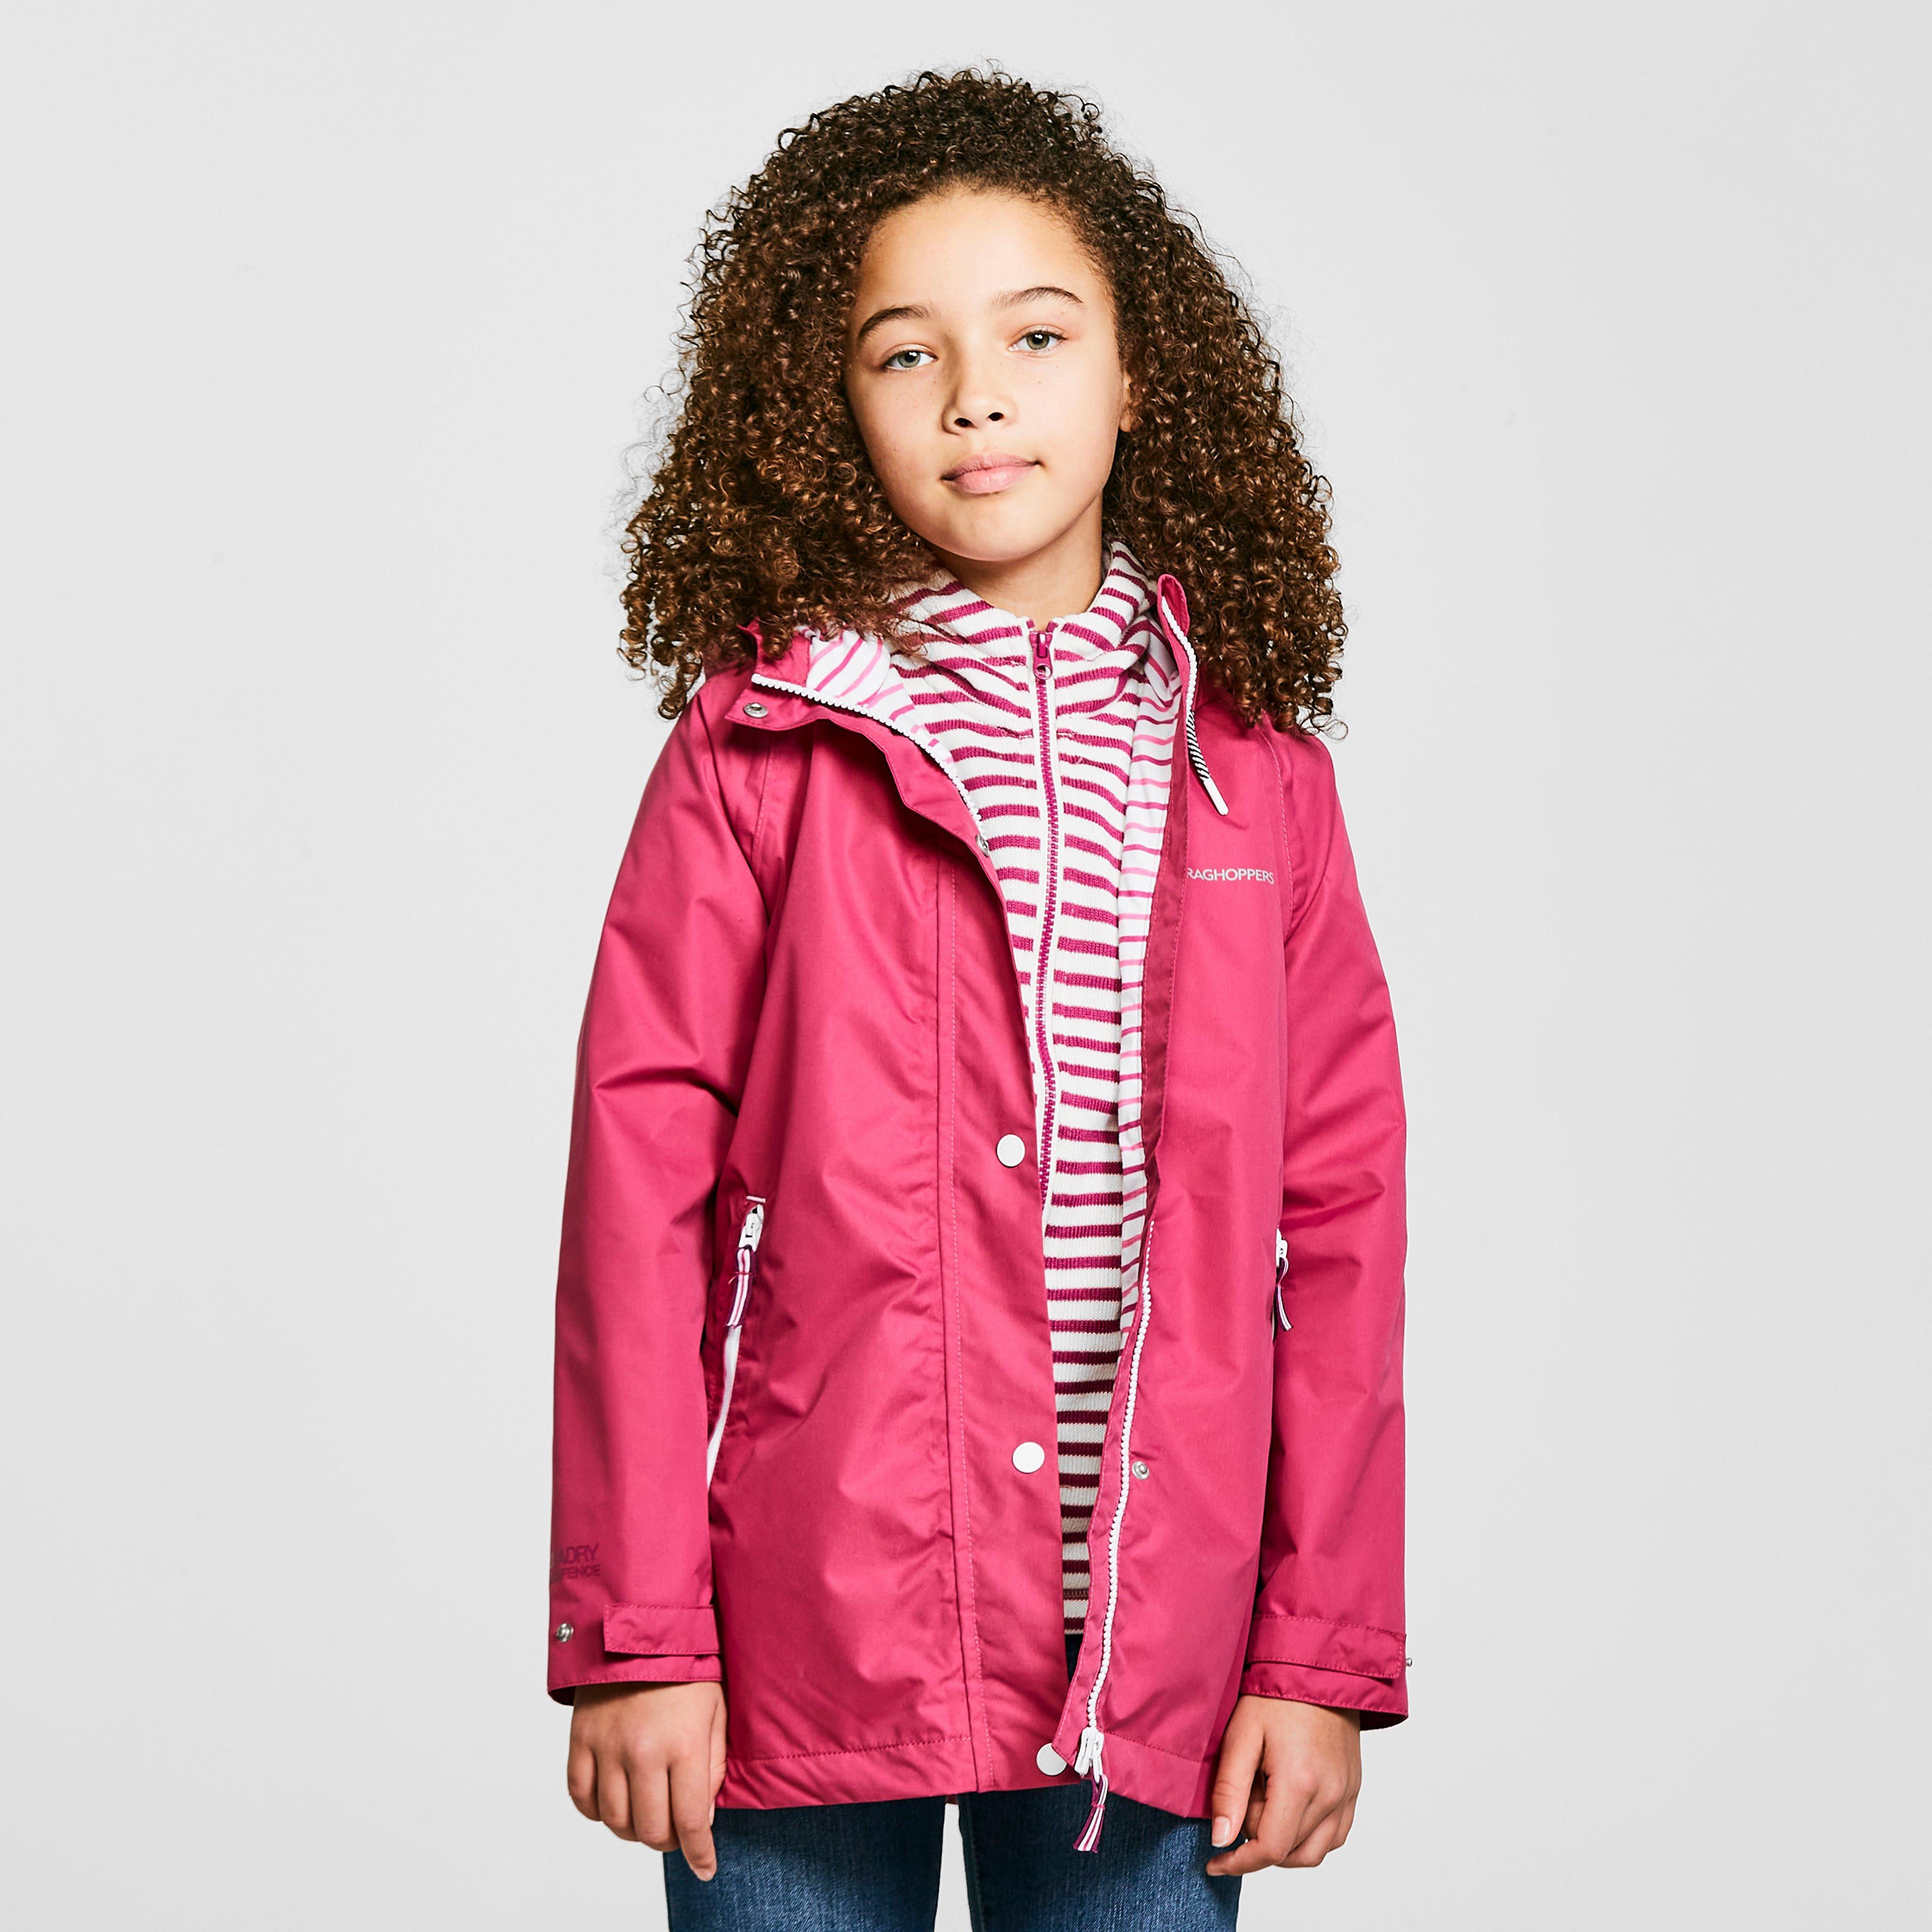 Craghoppers Kids Marietta Waterproof Jacket - Pink/pink  Pink/pink